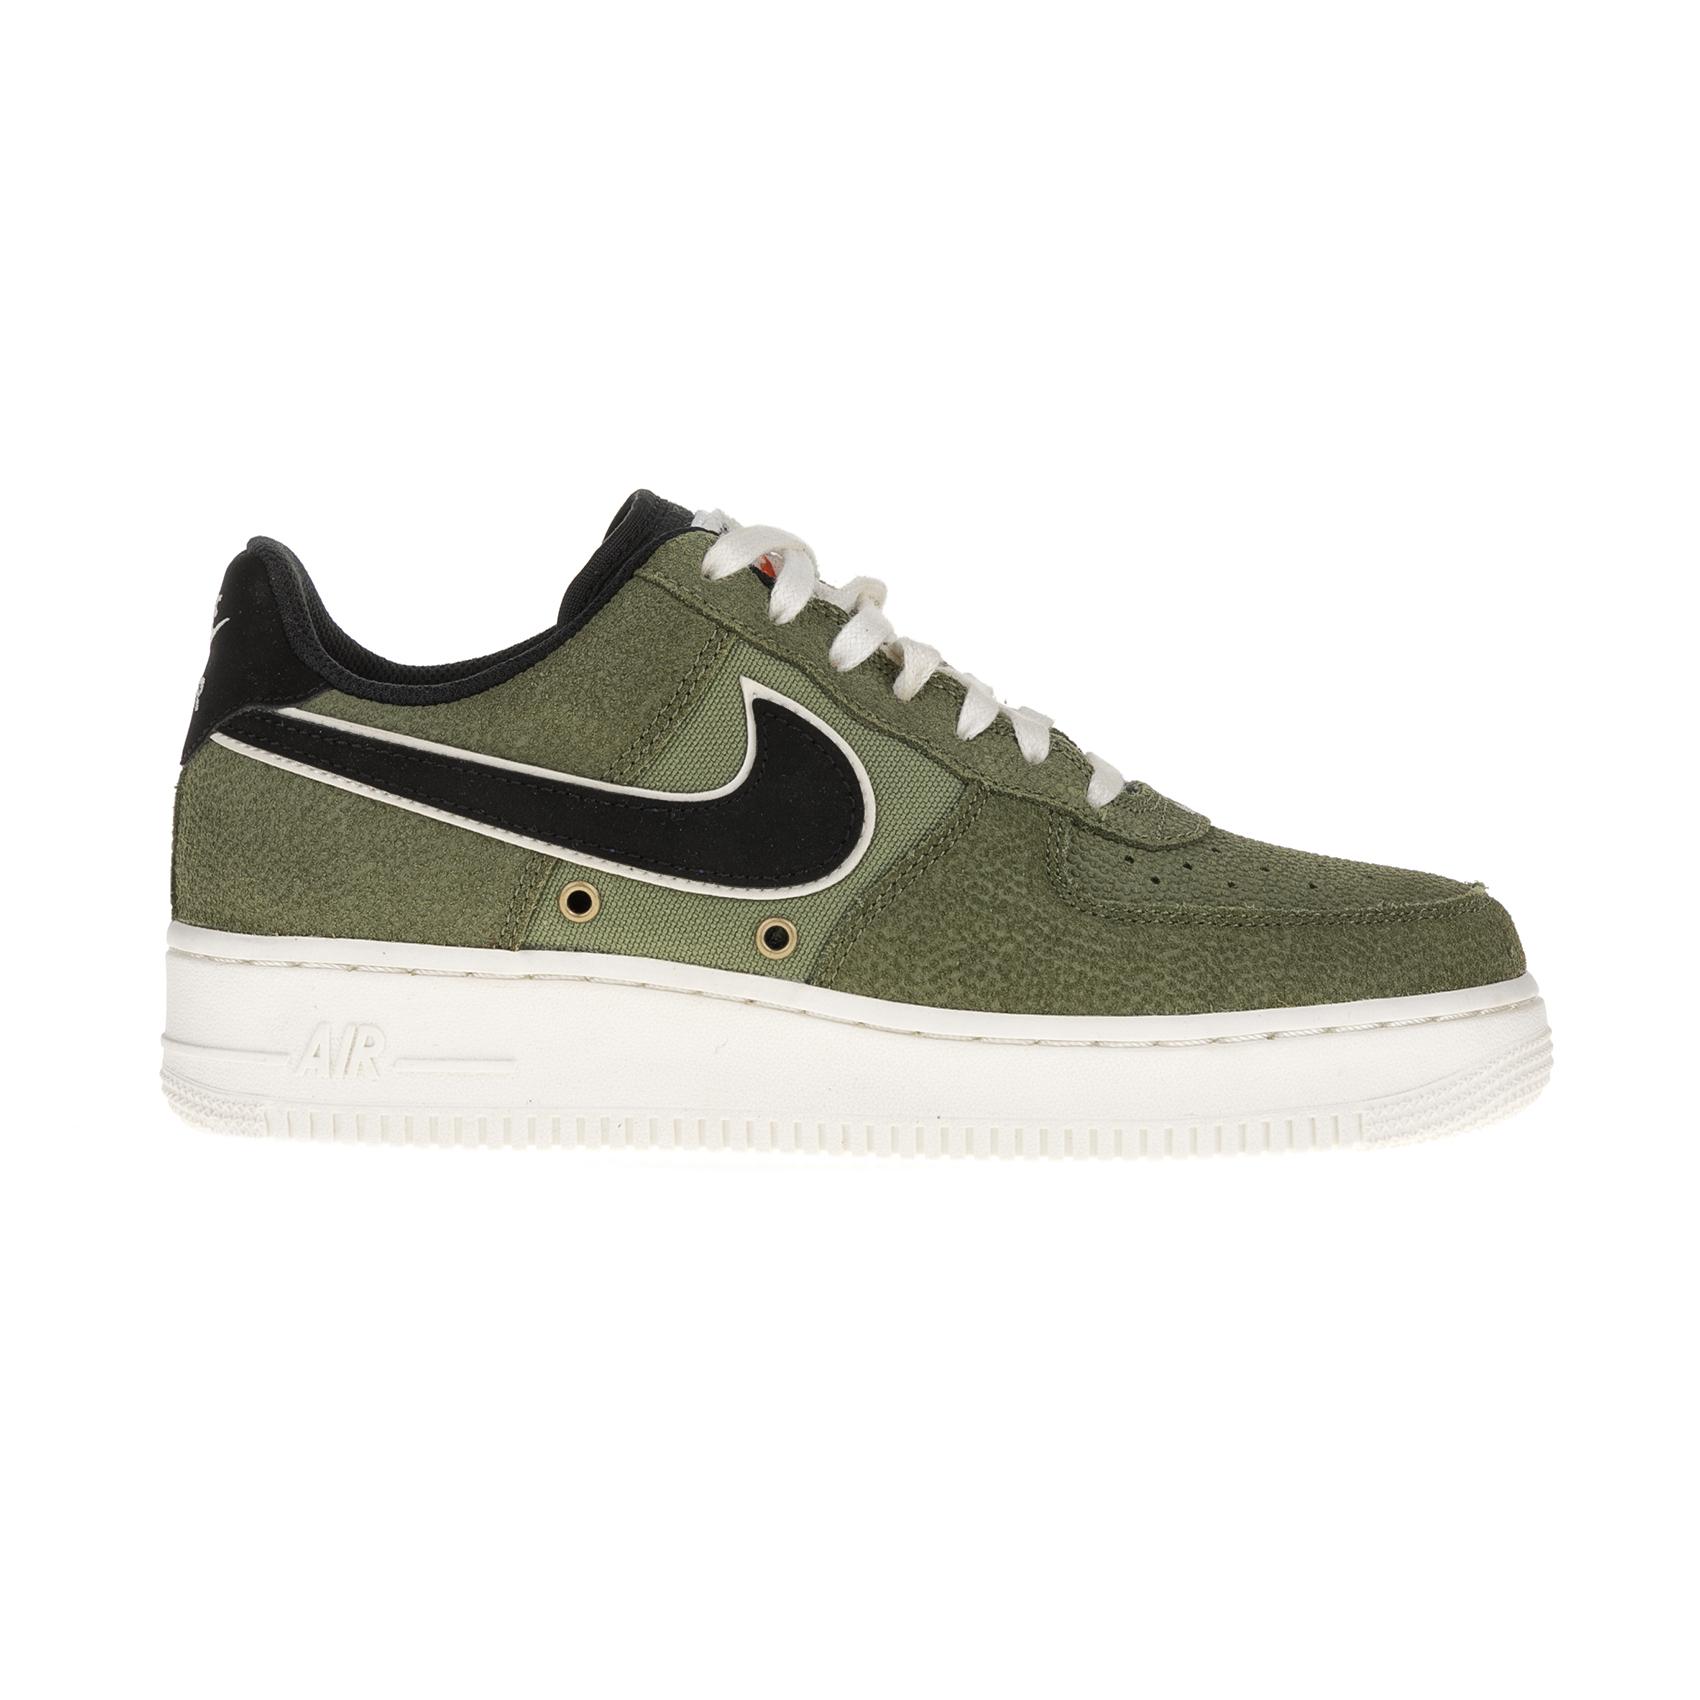 NIKE – Ανδρικά αθλητικά παπούτσια Nike AIR FORCE 1 '07 LV8 χακί